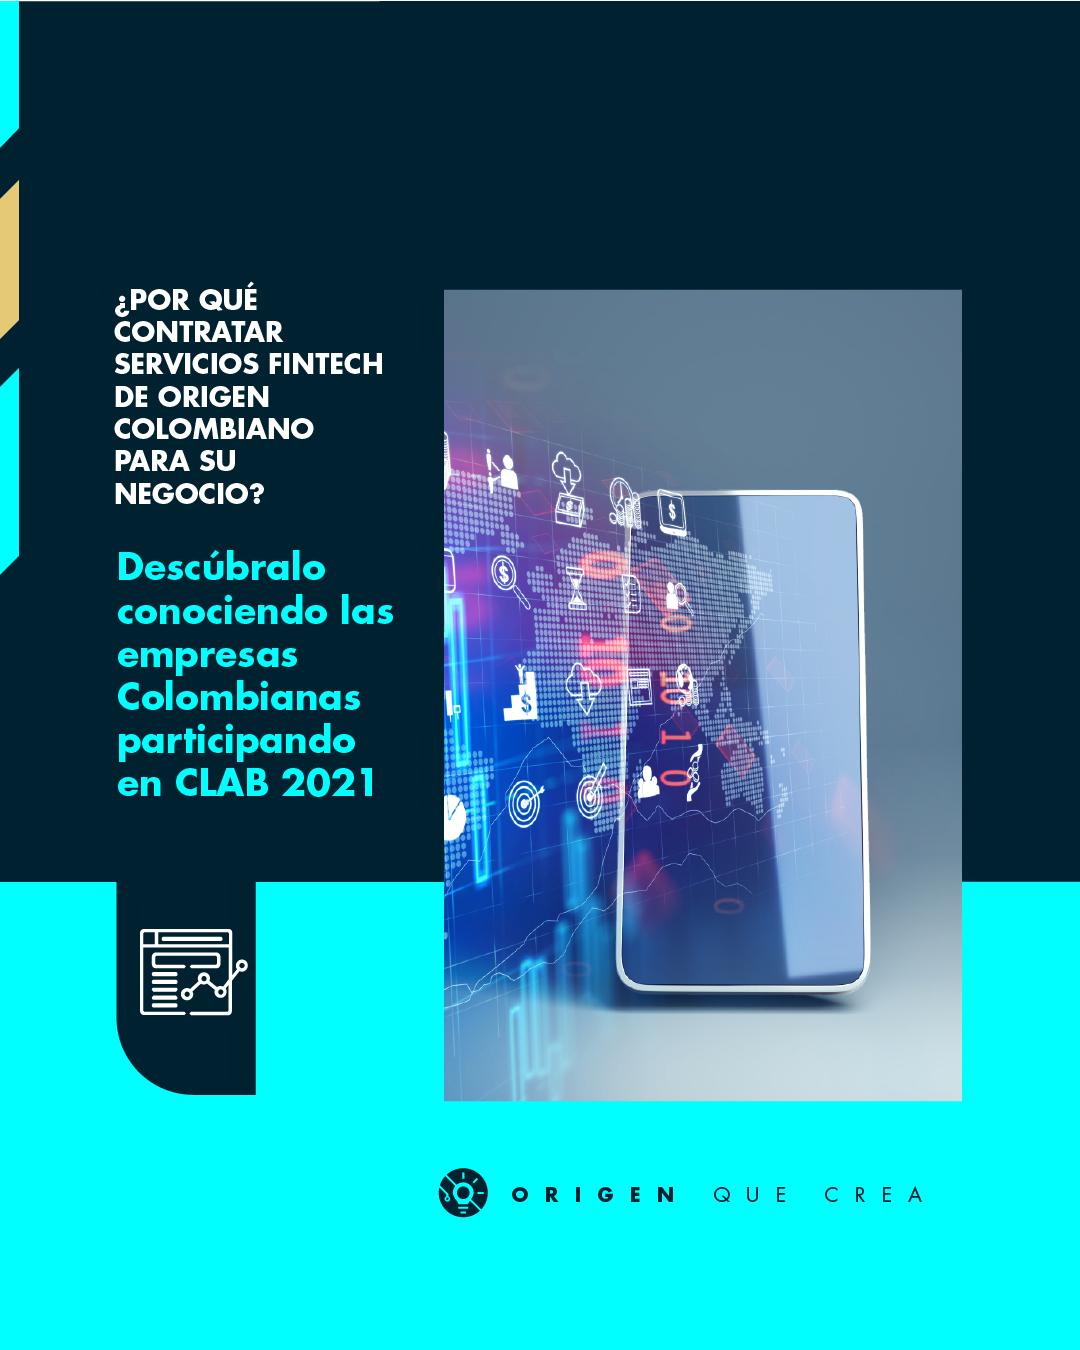 clab_2021-11